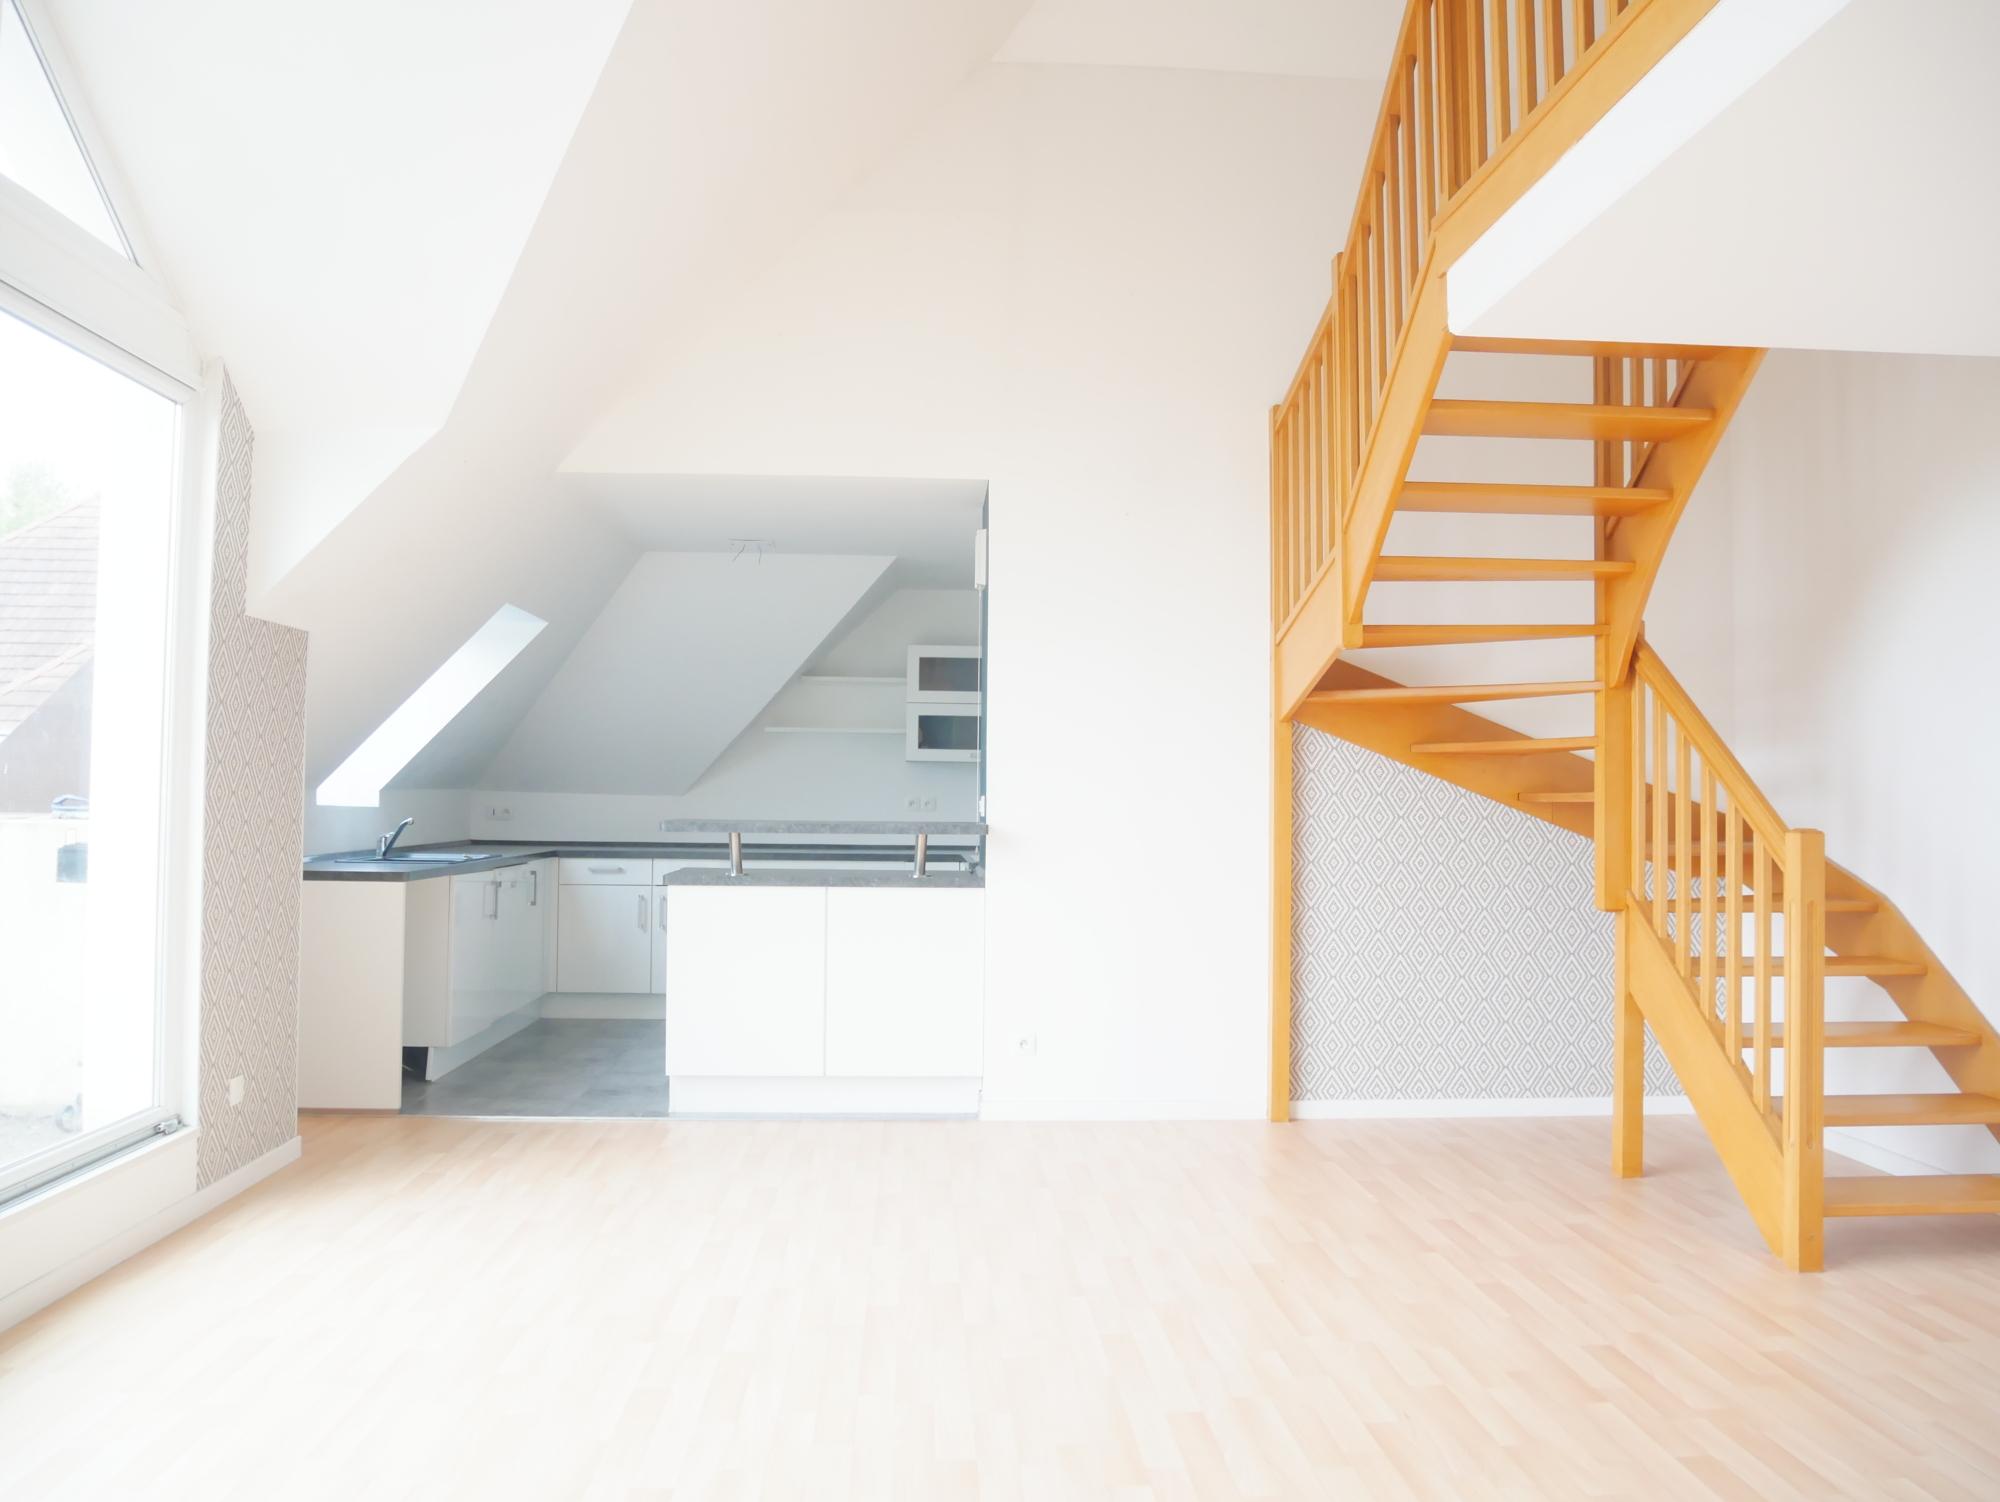 [Lumière] Lumineux 3 pièces en duplex - Stockfeld / rue de la Faisanderie - nos locations - Beausite Immobilier 3